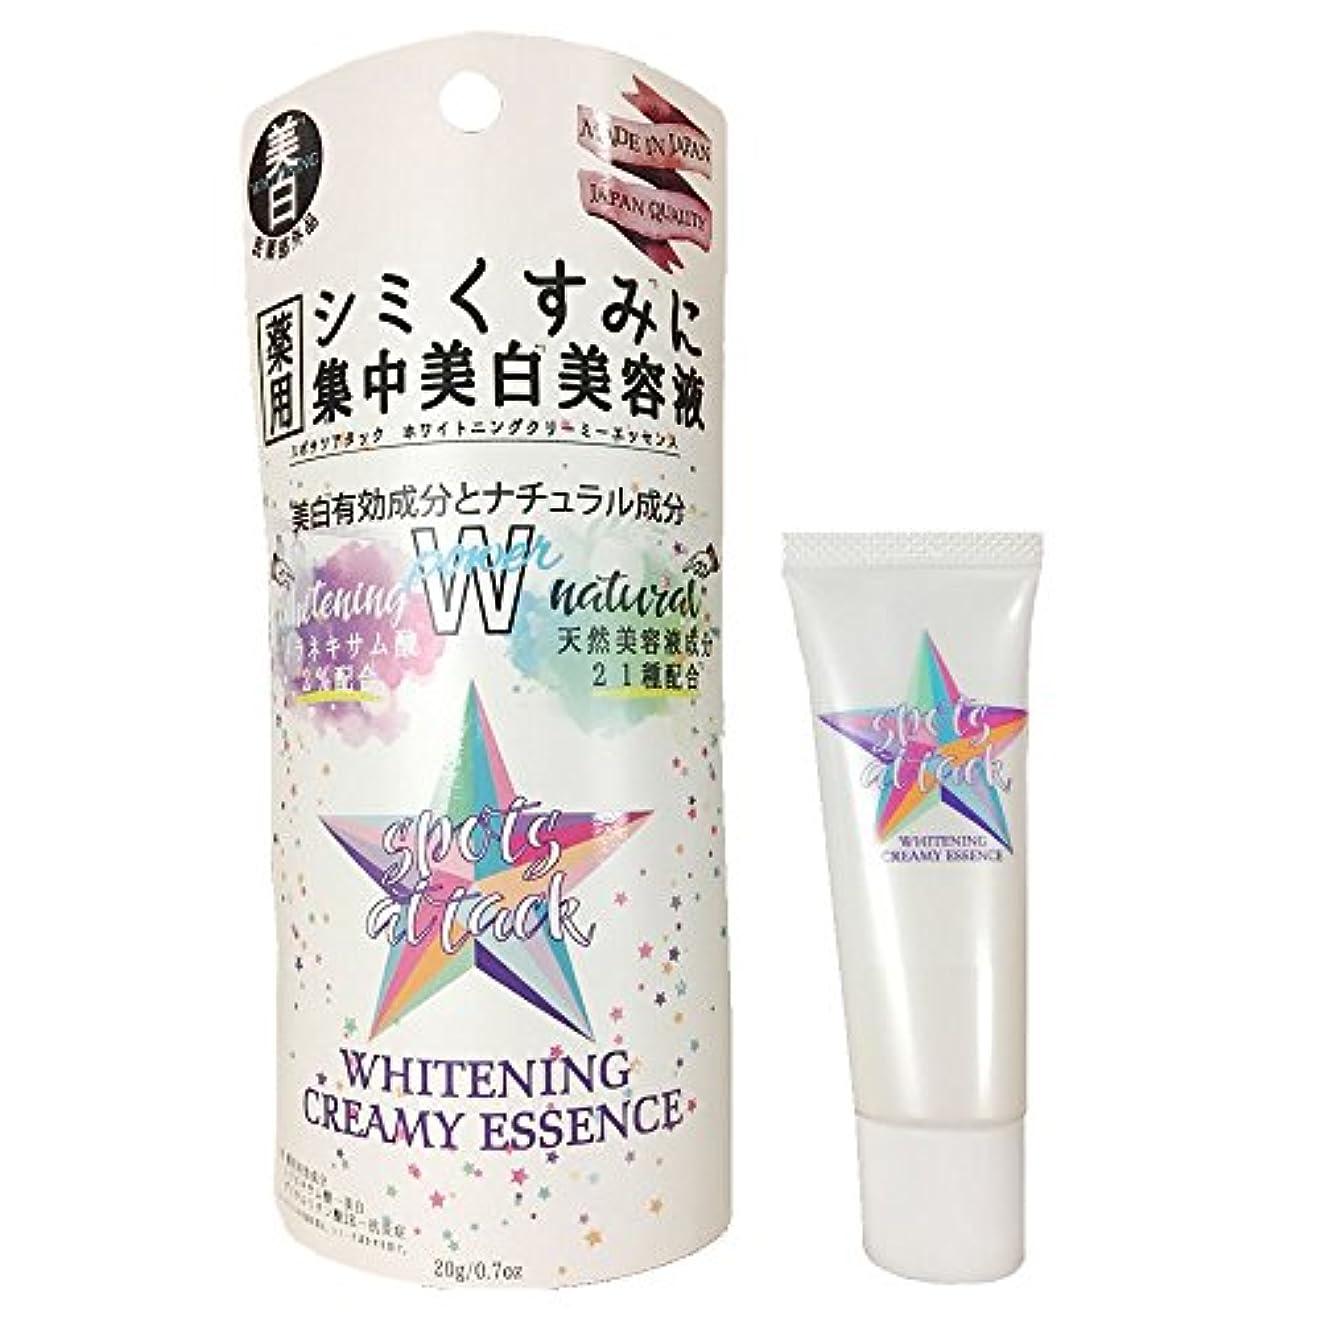 カロリー裸湿度美白美容液 スポッツアタック ホワイトニングクリーミーエッセンス 20g